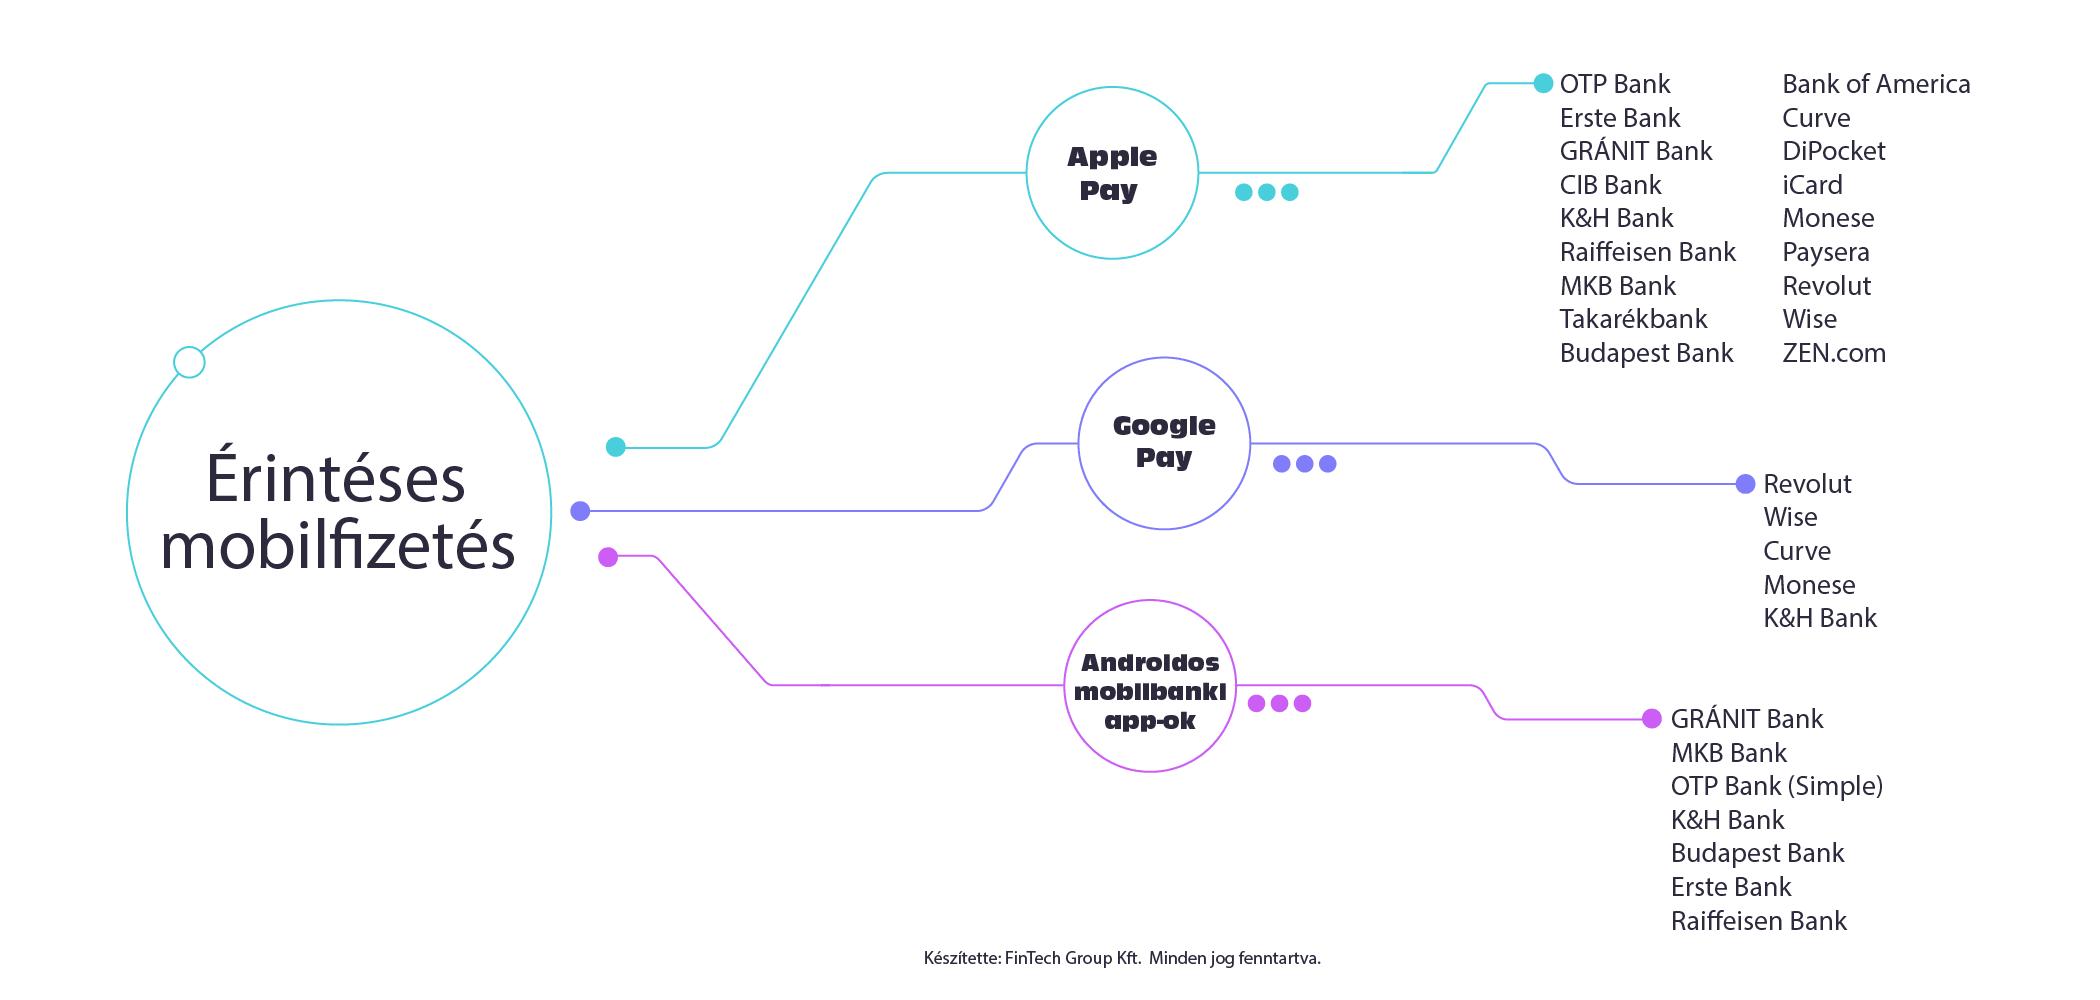 magyarorszag-elektronikus-fizetesi-terkepe-infografika-mobilfizetes